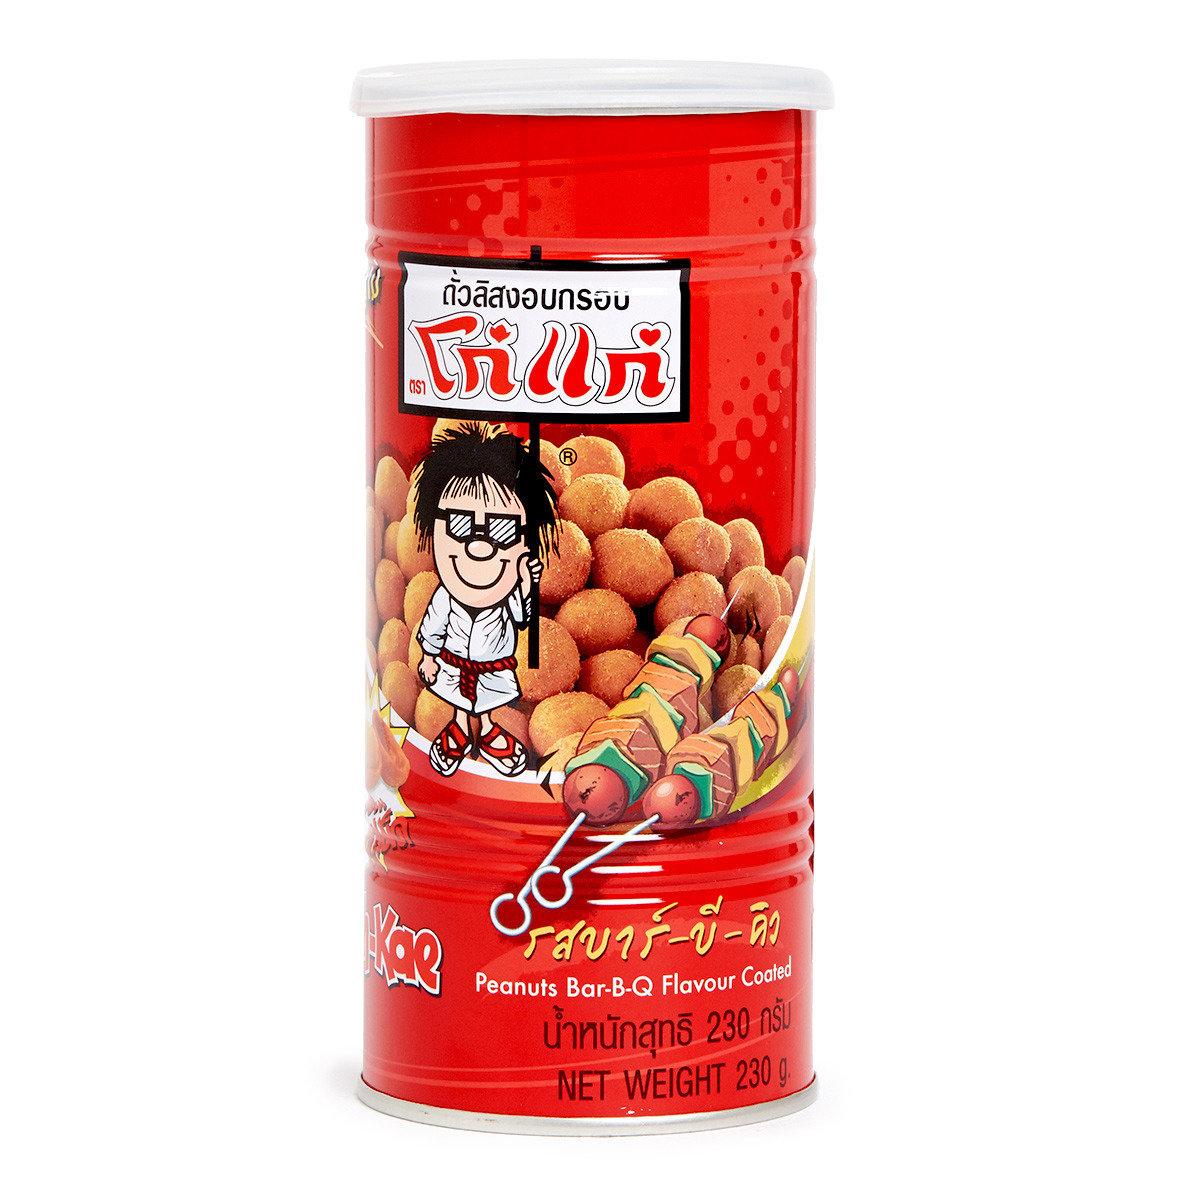 燒烤味花生豆